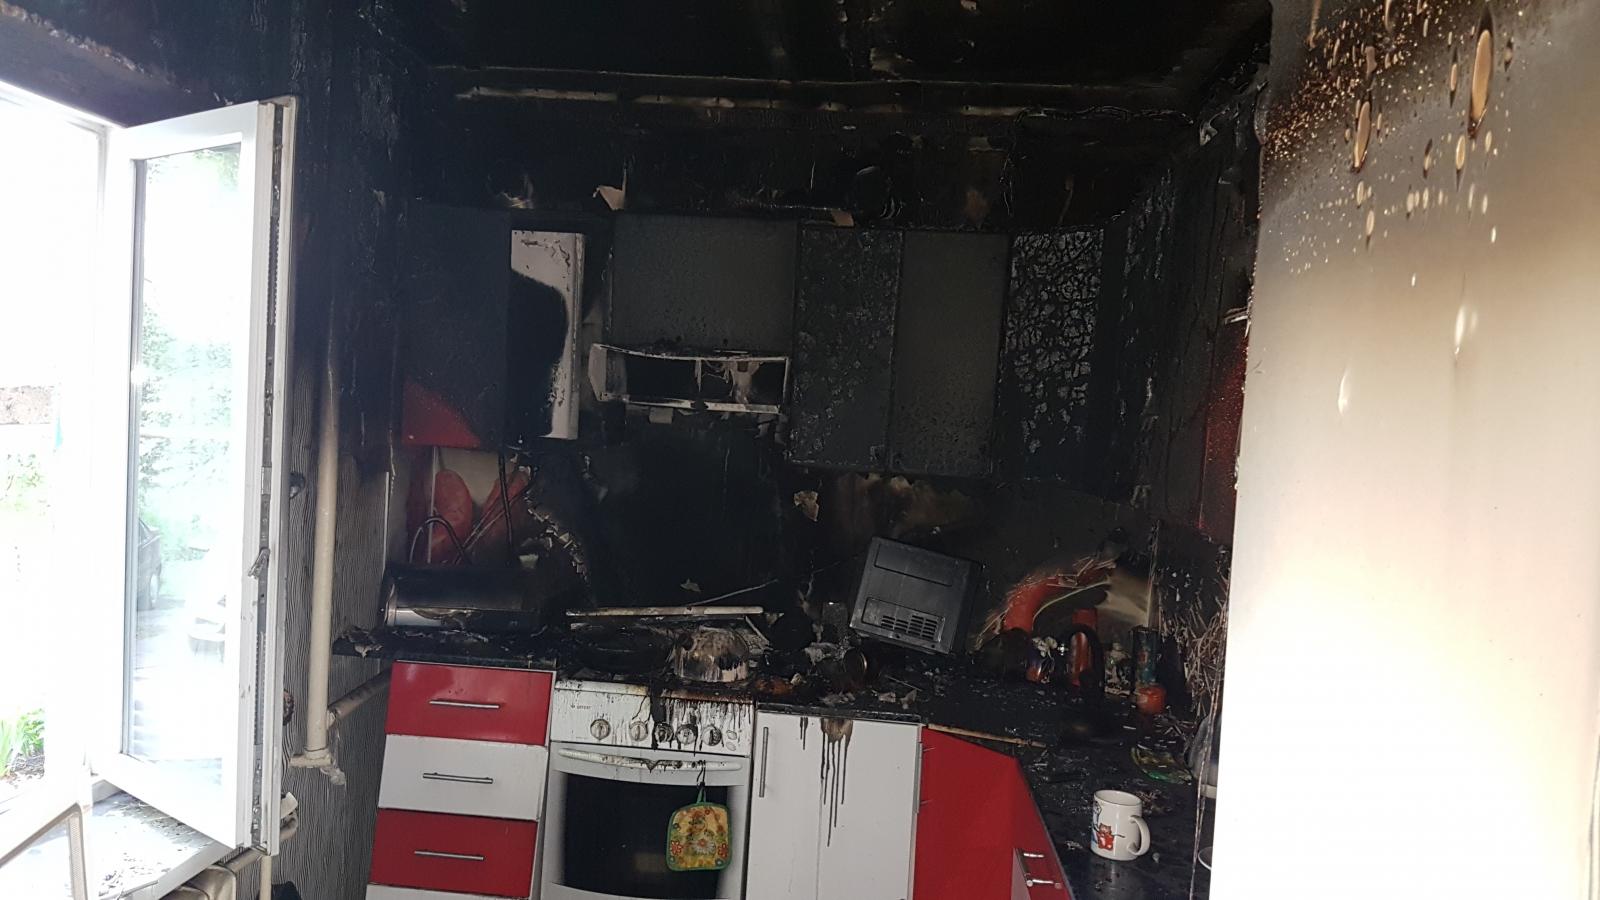 Следователи рассказали подробности гибели женщины на пожаре в Ртищево. Фото